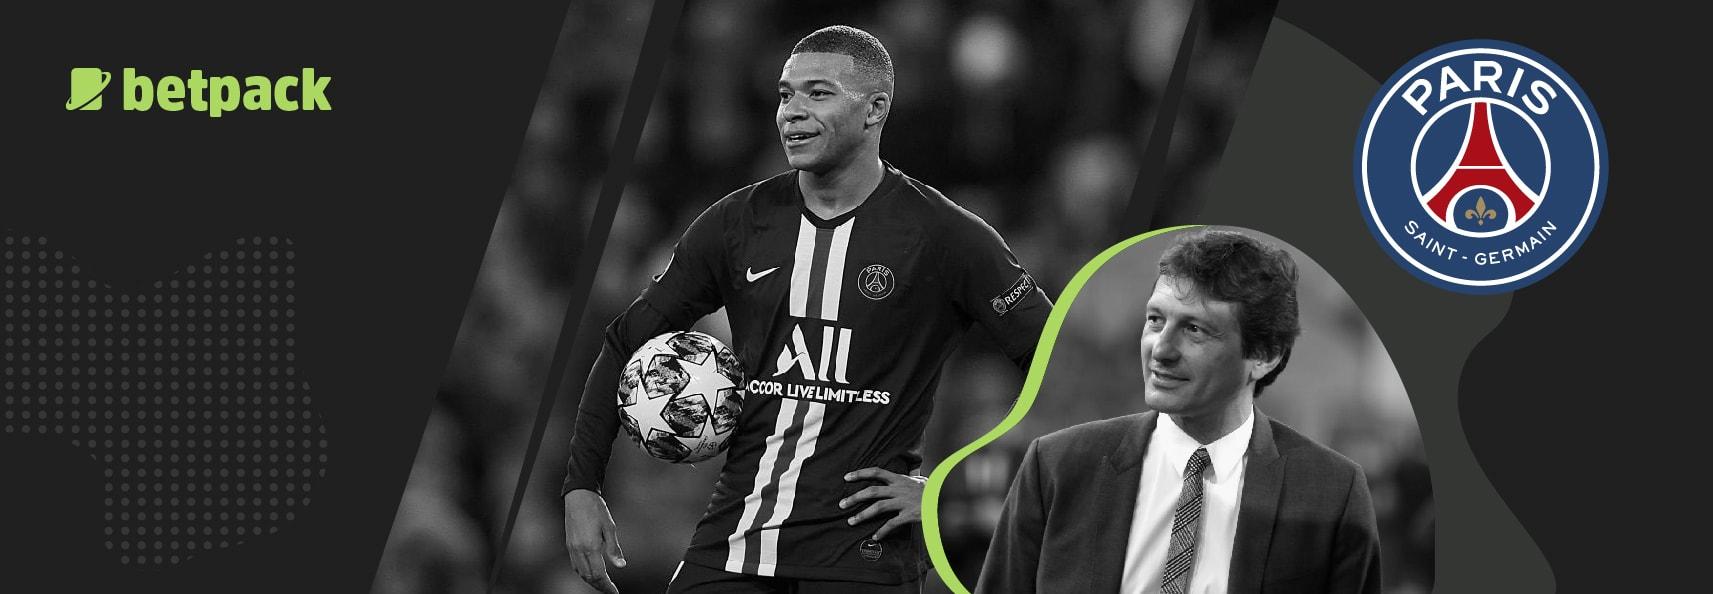 Leonardo makes claim on Mbappe's future at PSG